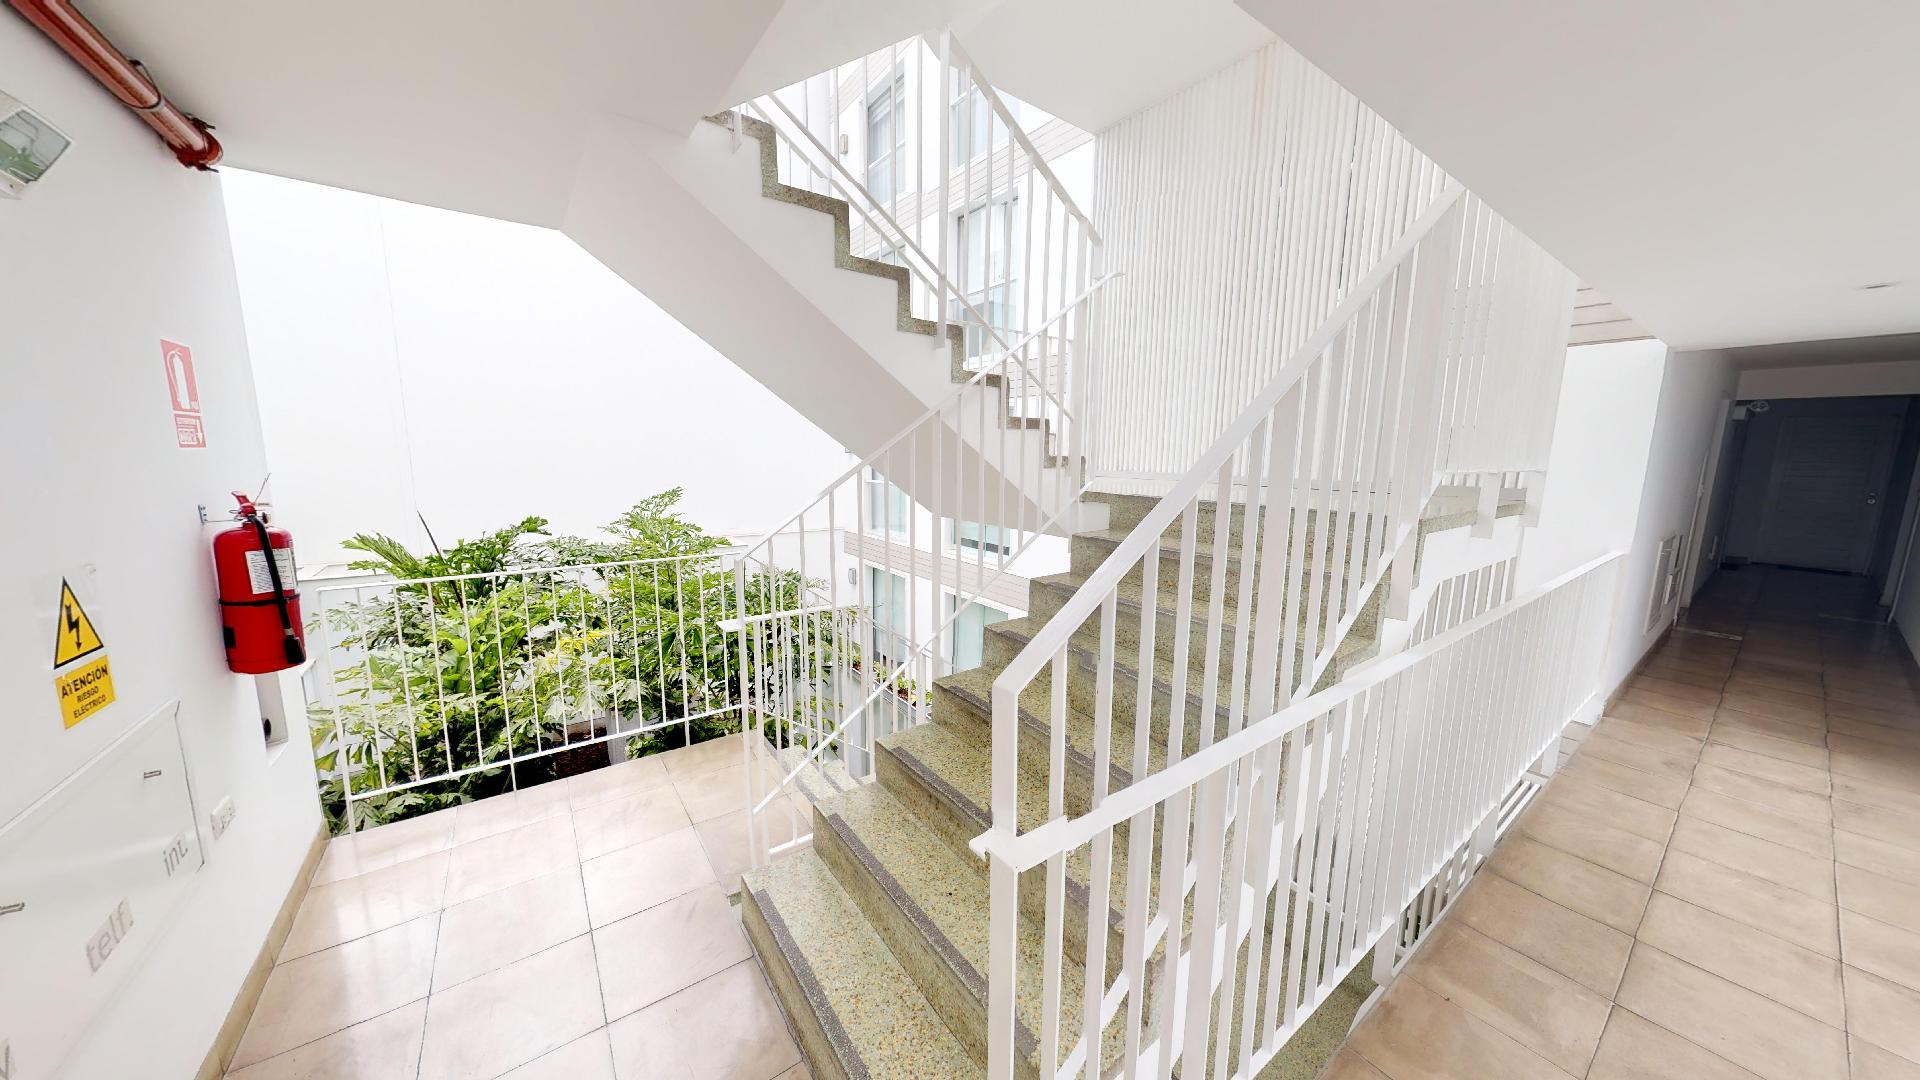 Escaleras del recorrido virtual de un hermoso departamento en Sáenz Peña, Barranco, Lima, Perú